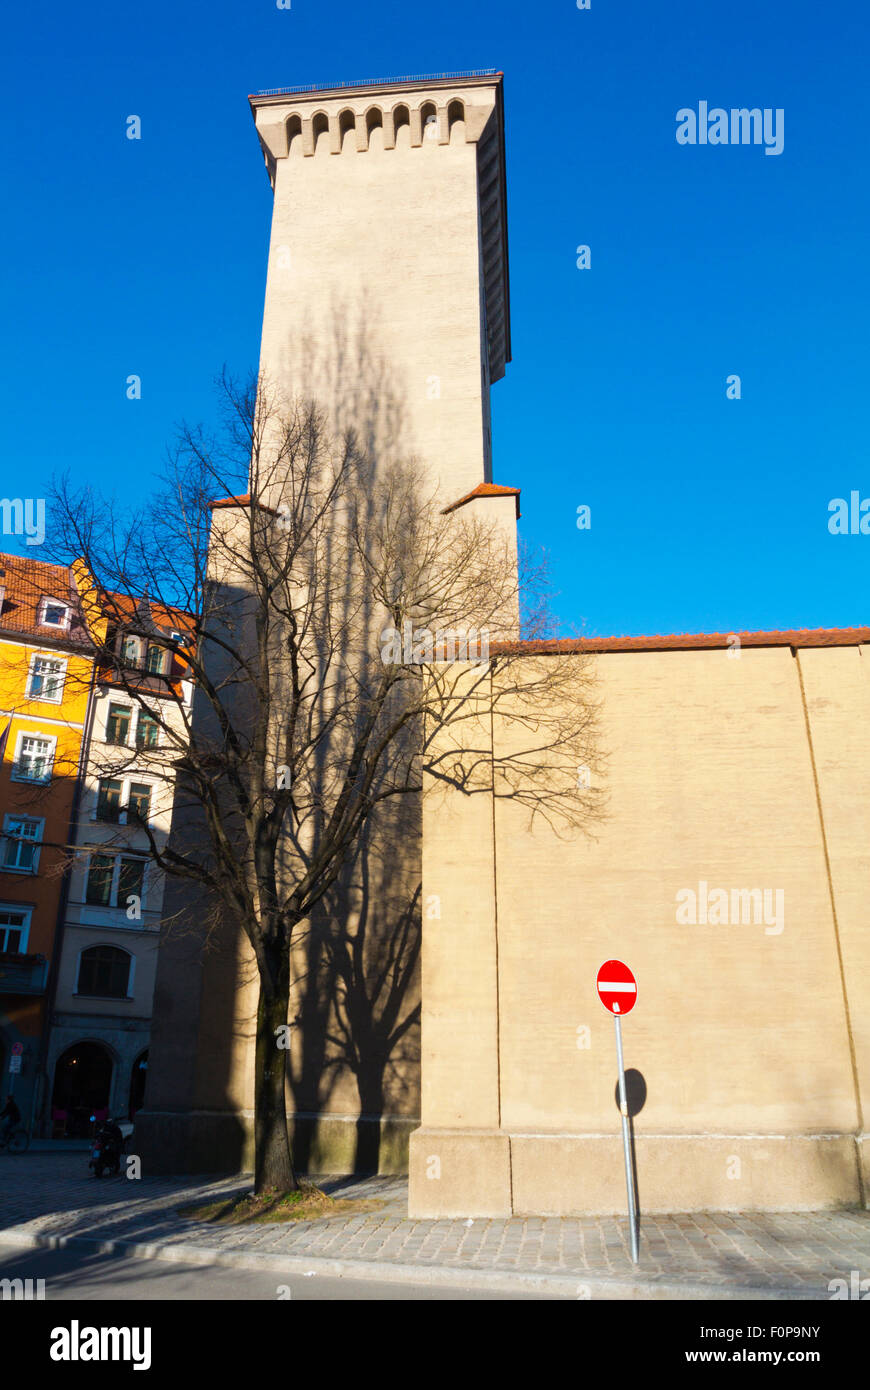 Isartor, eines der vier Tore, alte Stadt, Isartorplatz, zentrale München, Bayern, Deutschland Stockbild